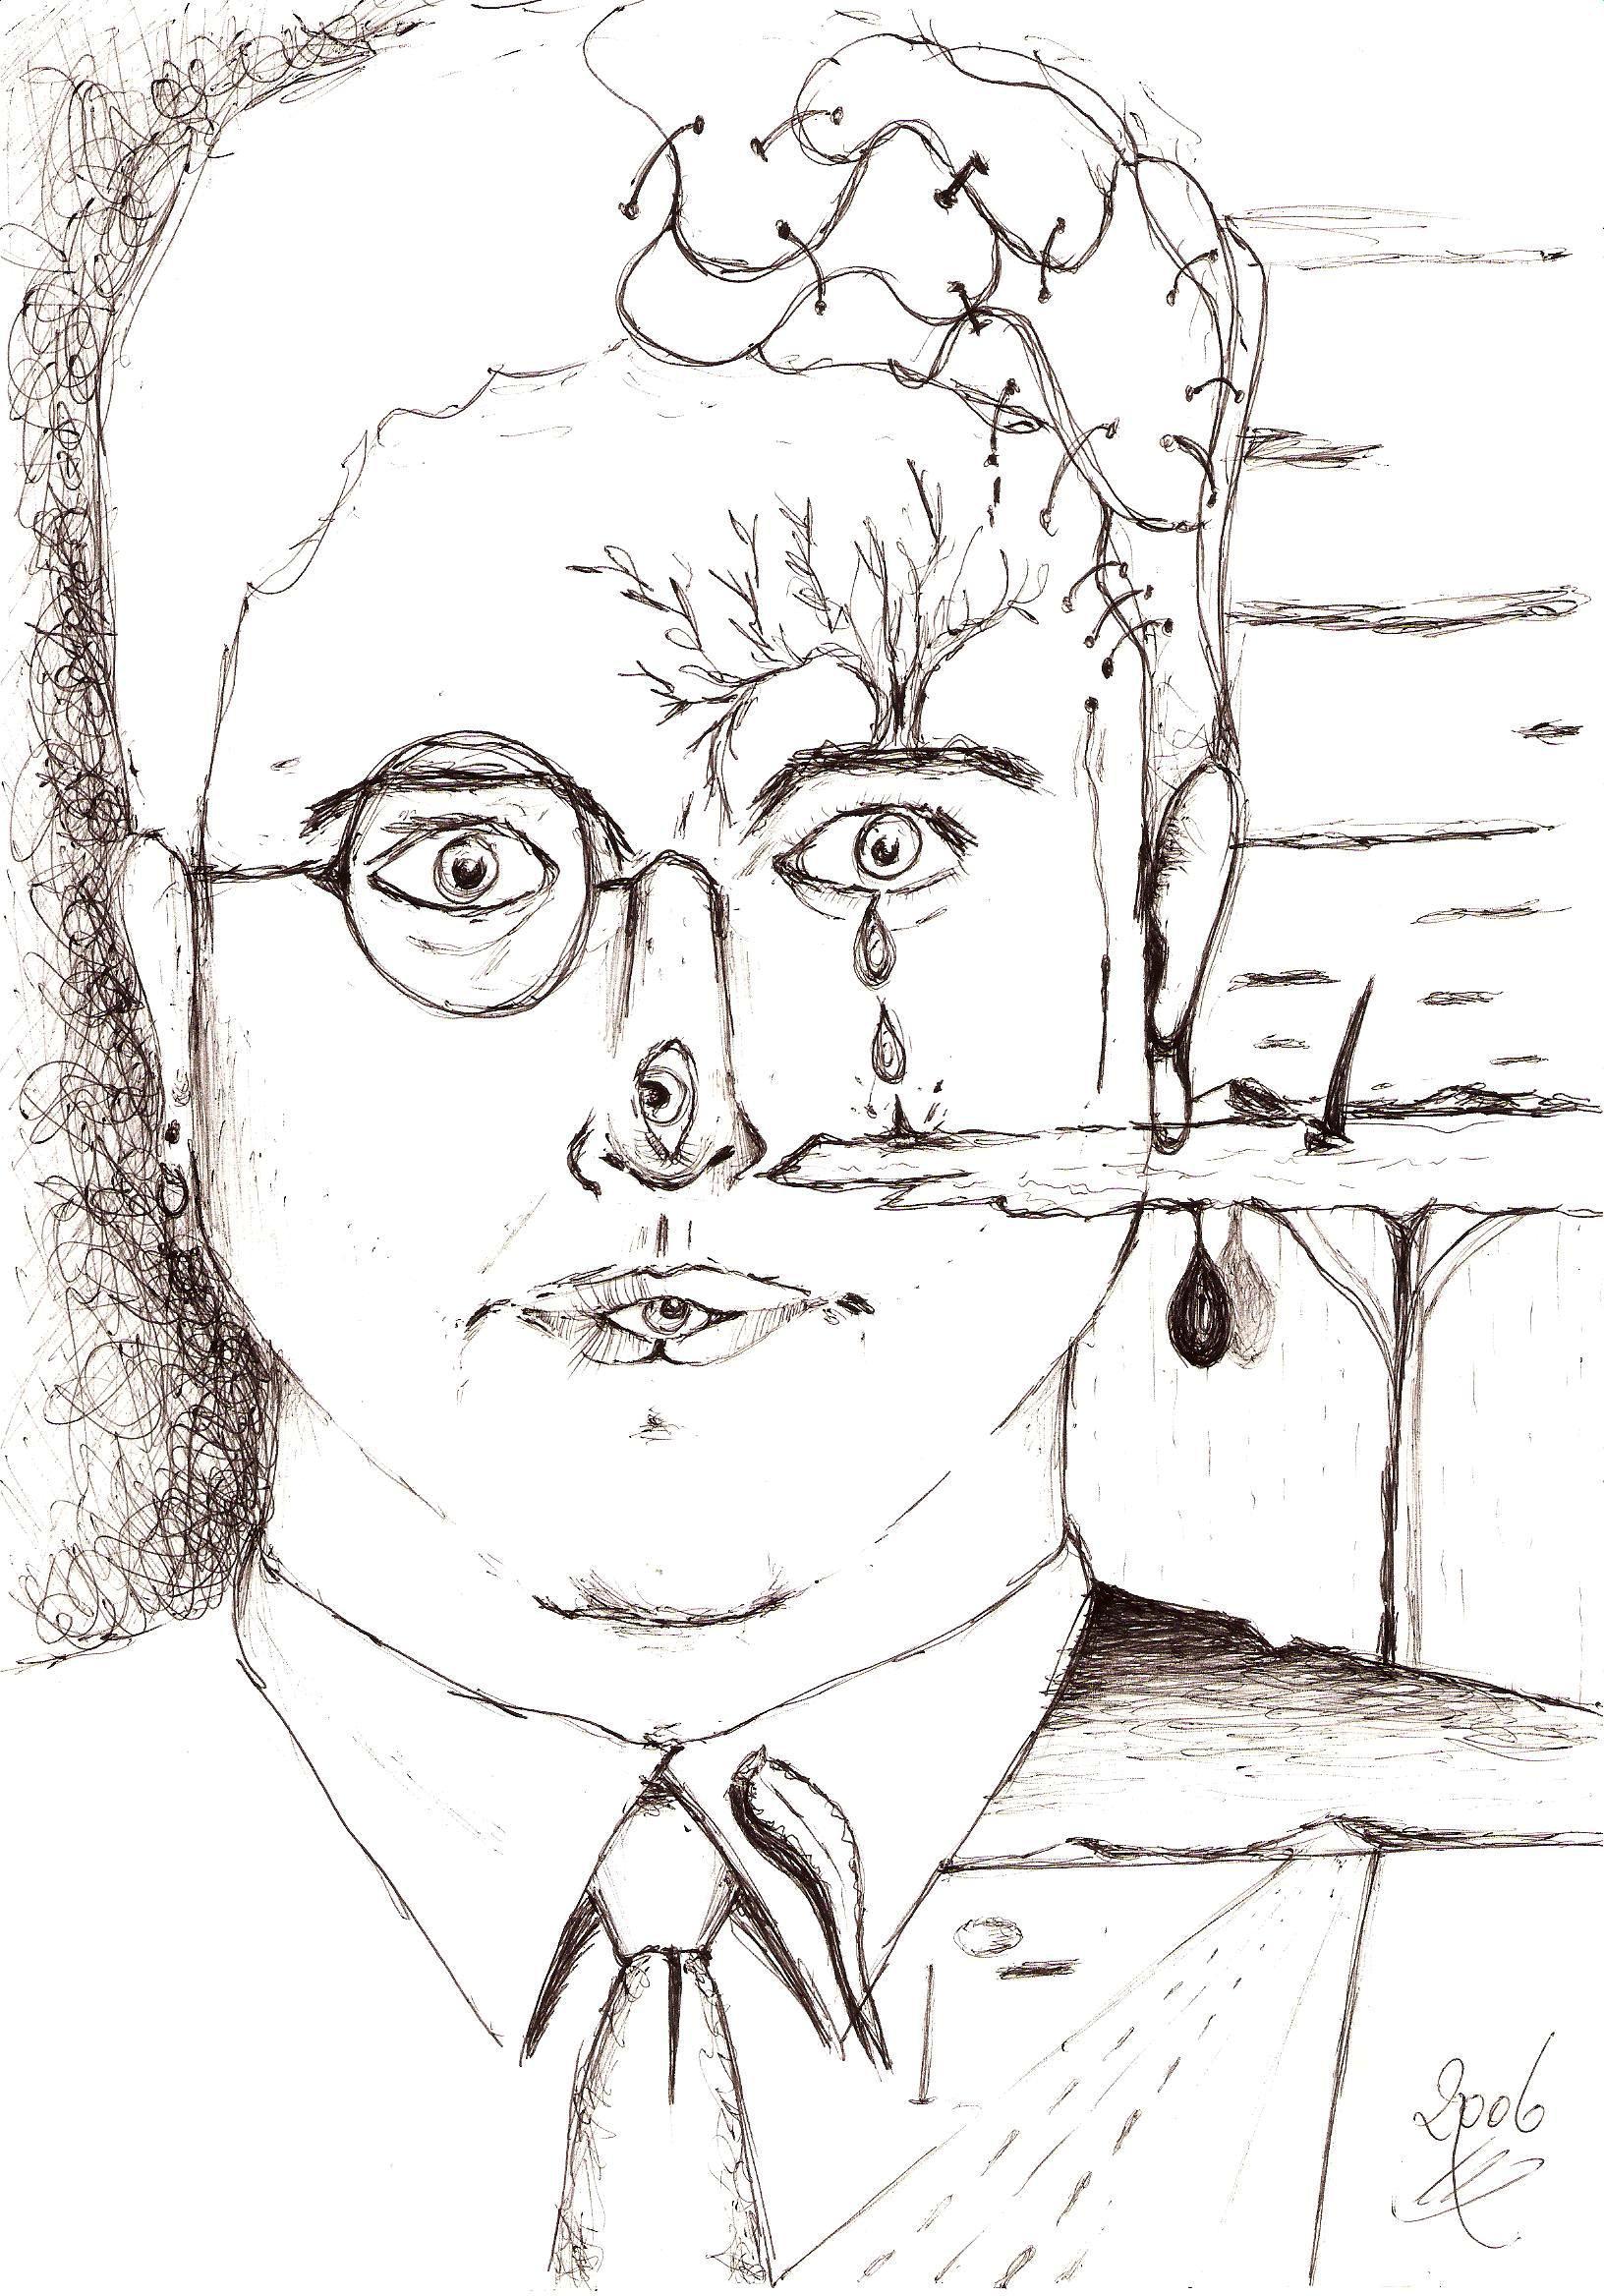 Disegno a penna, Ritratto surreale 2006, Pasquale Mastrogiacomo Acerno(SA)